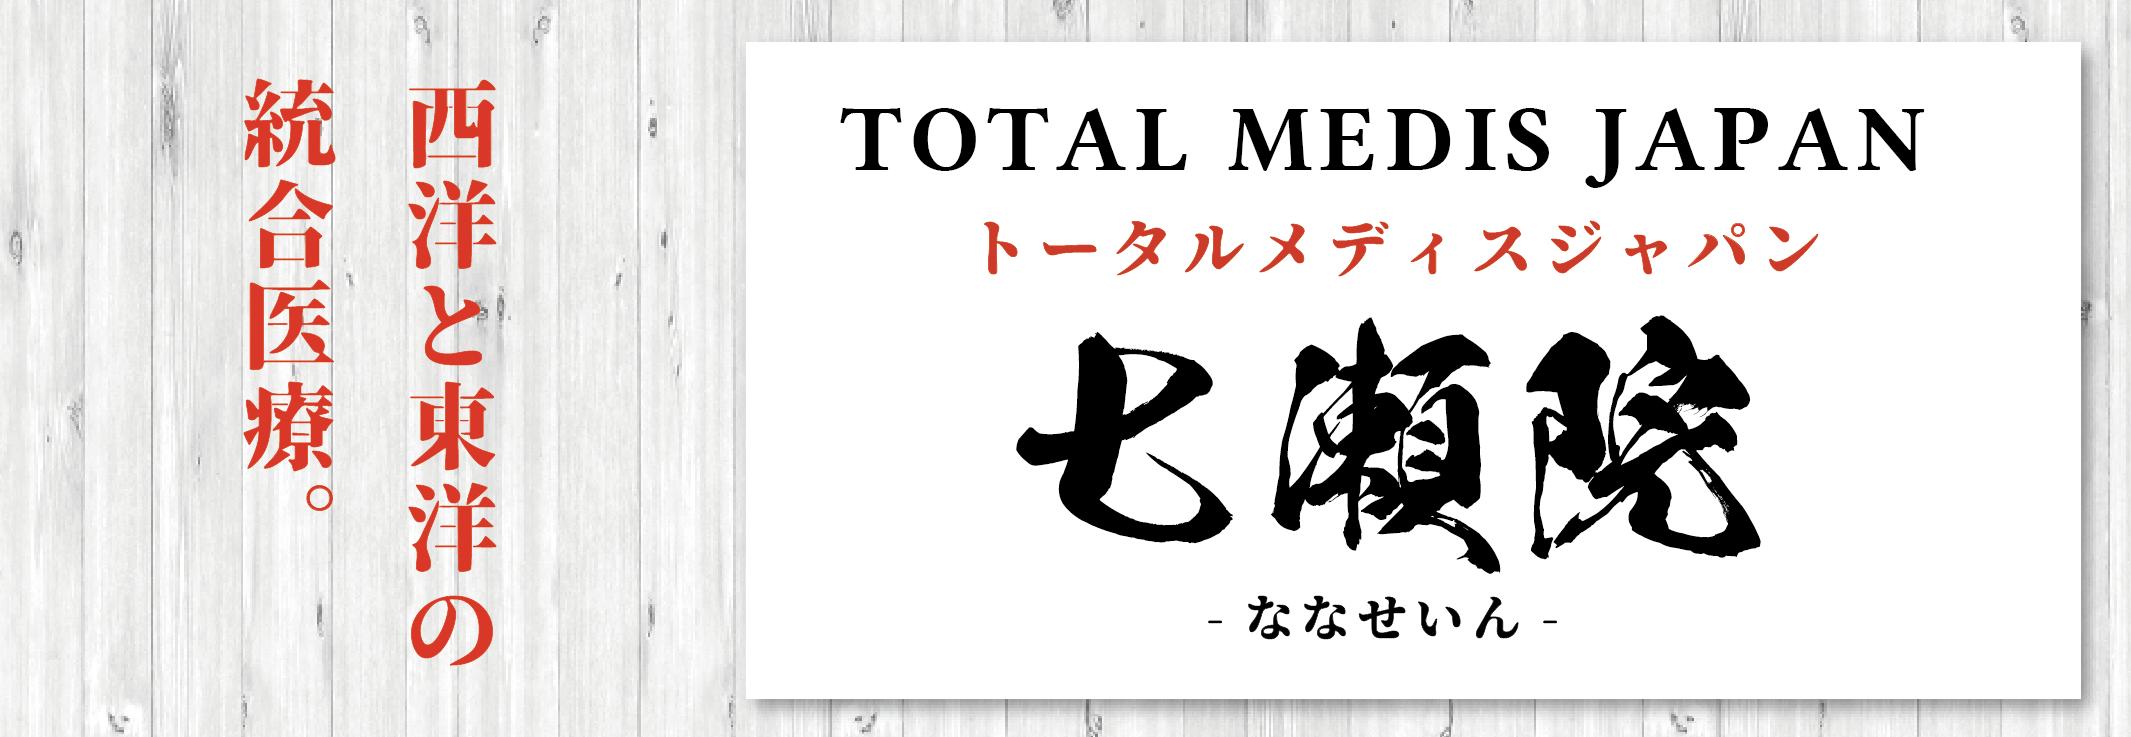 トータルメディスジャパン七瀬院(Nスポーツクラブ)